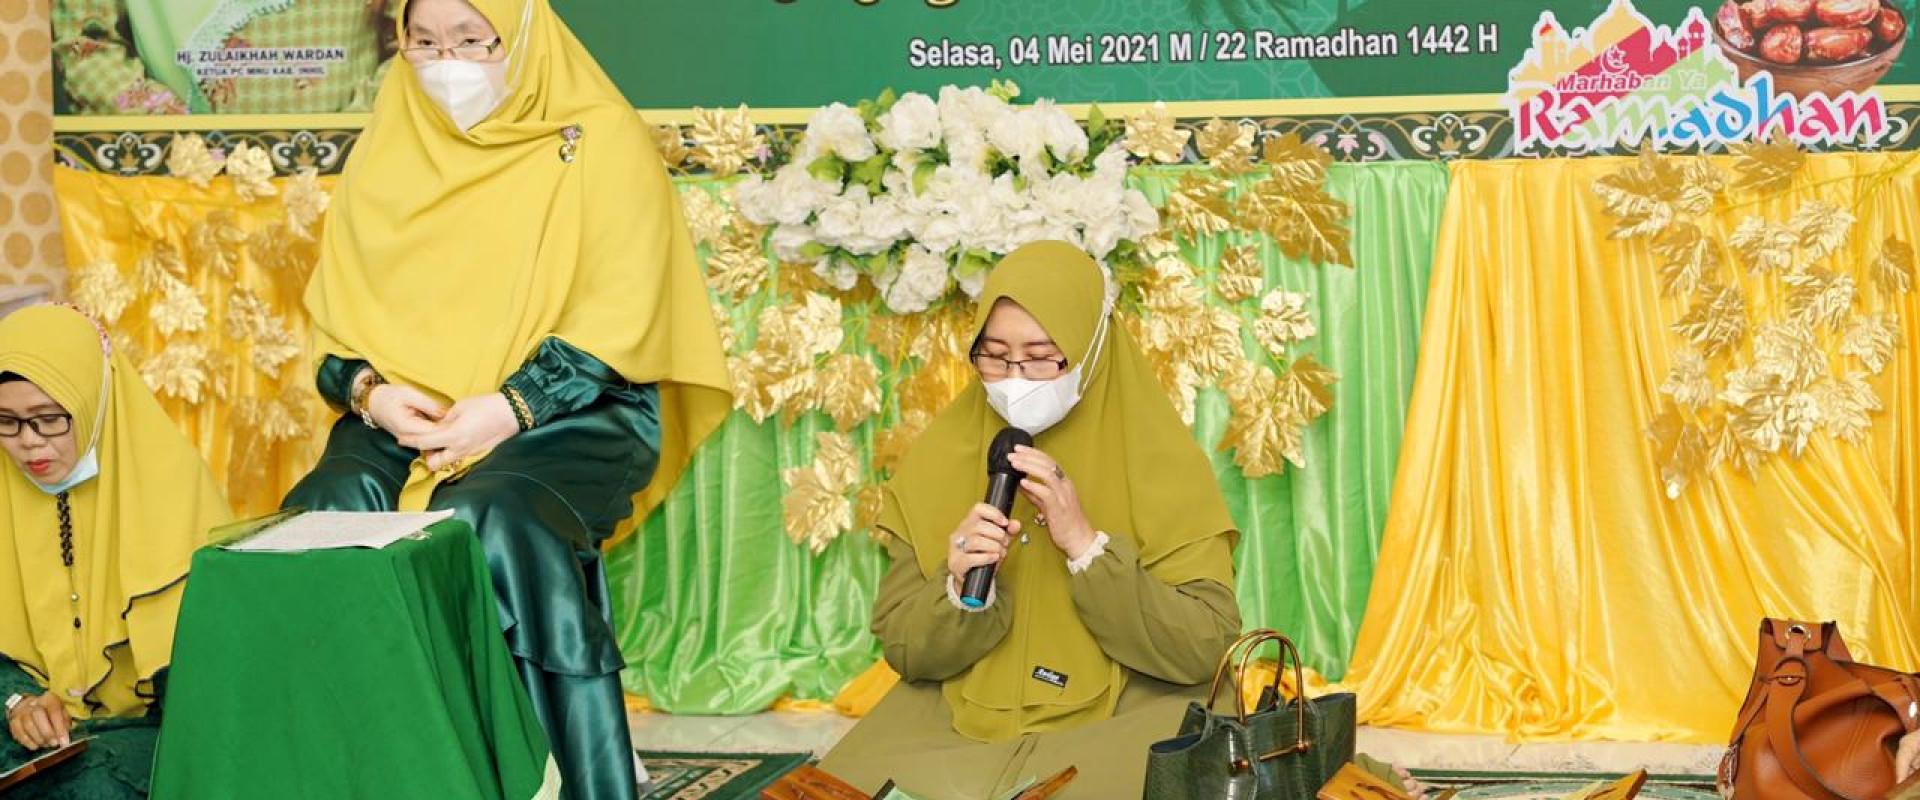 Tutup Program Ramadhan Muslimat NU, Hj.zulaikha Wardan : semoga bermanfaat bagi diri sendiri dan orang lain.